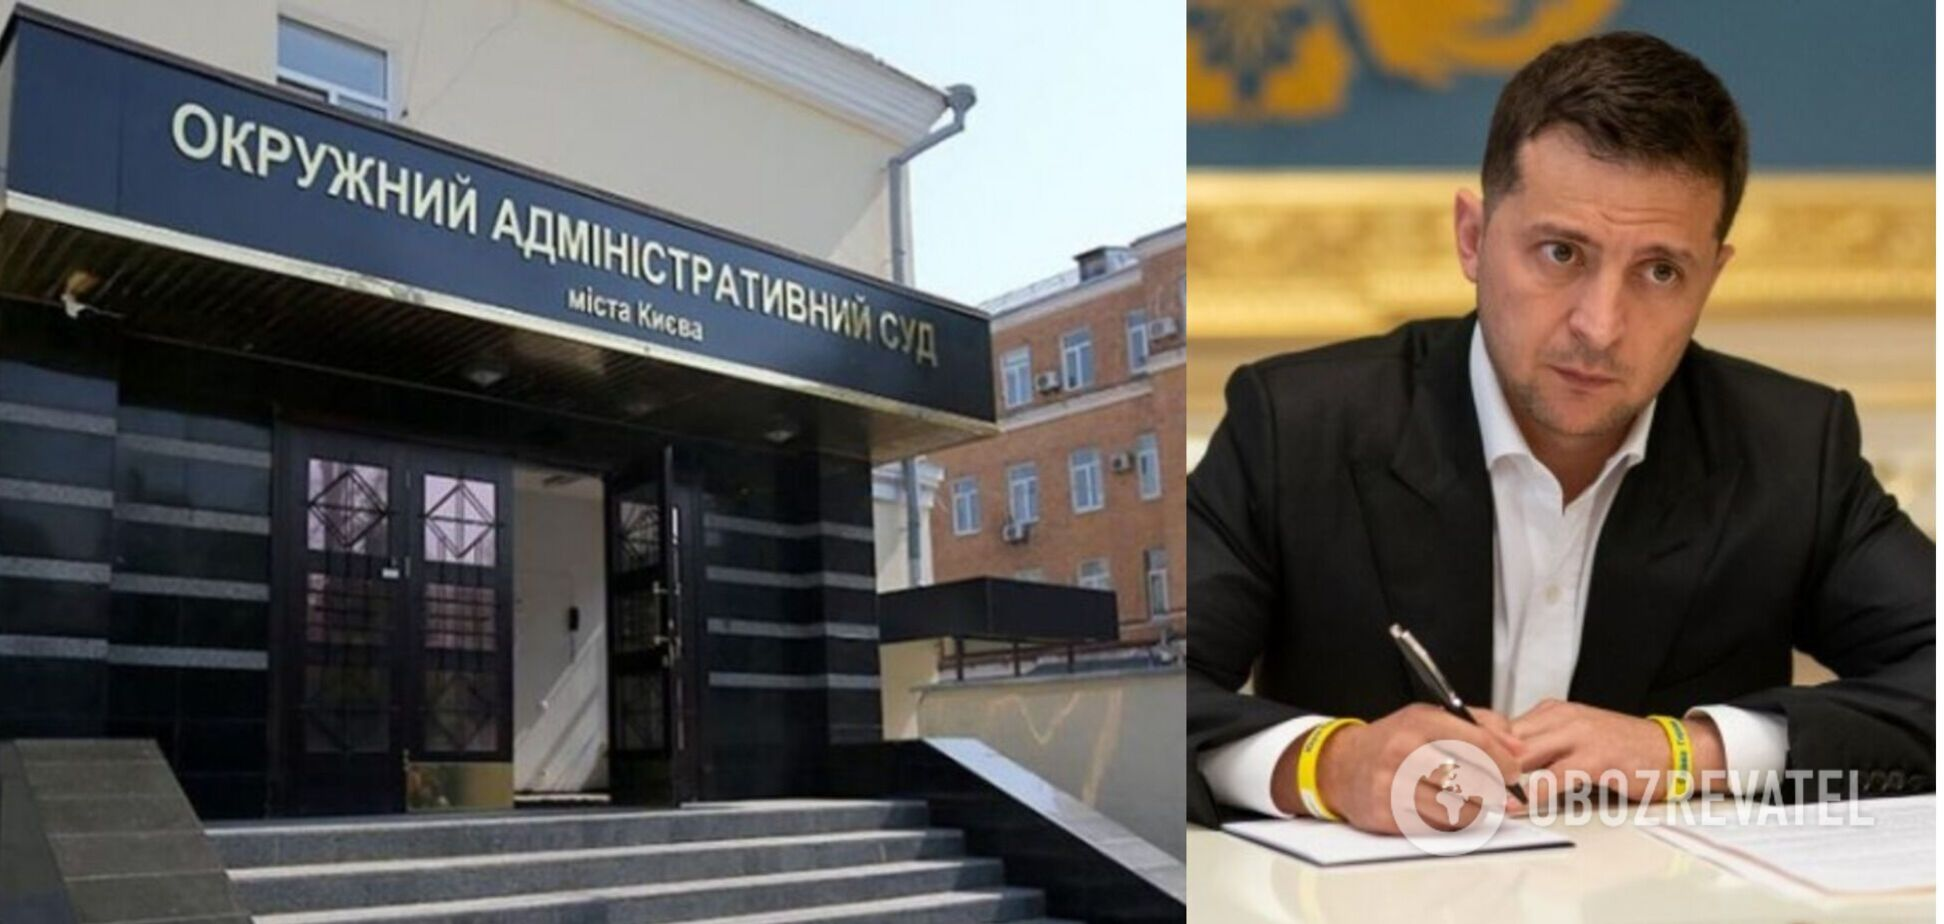 Зеленский хочет срочно ликвидировать скандальный ОАСК: названы сроки и причины решения